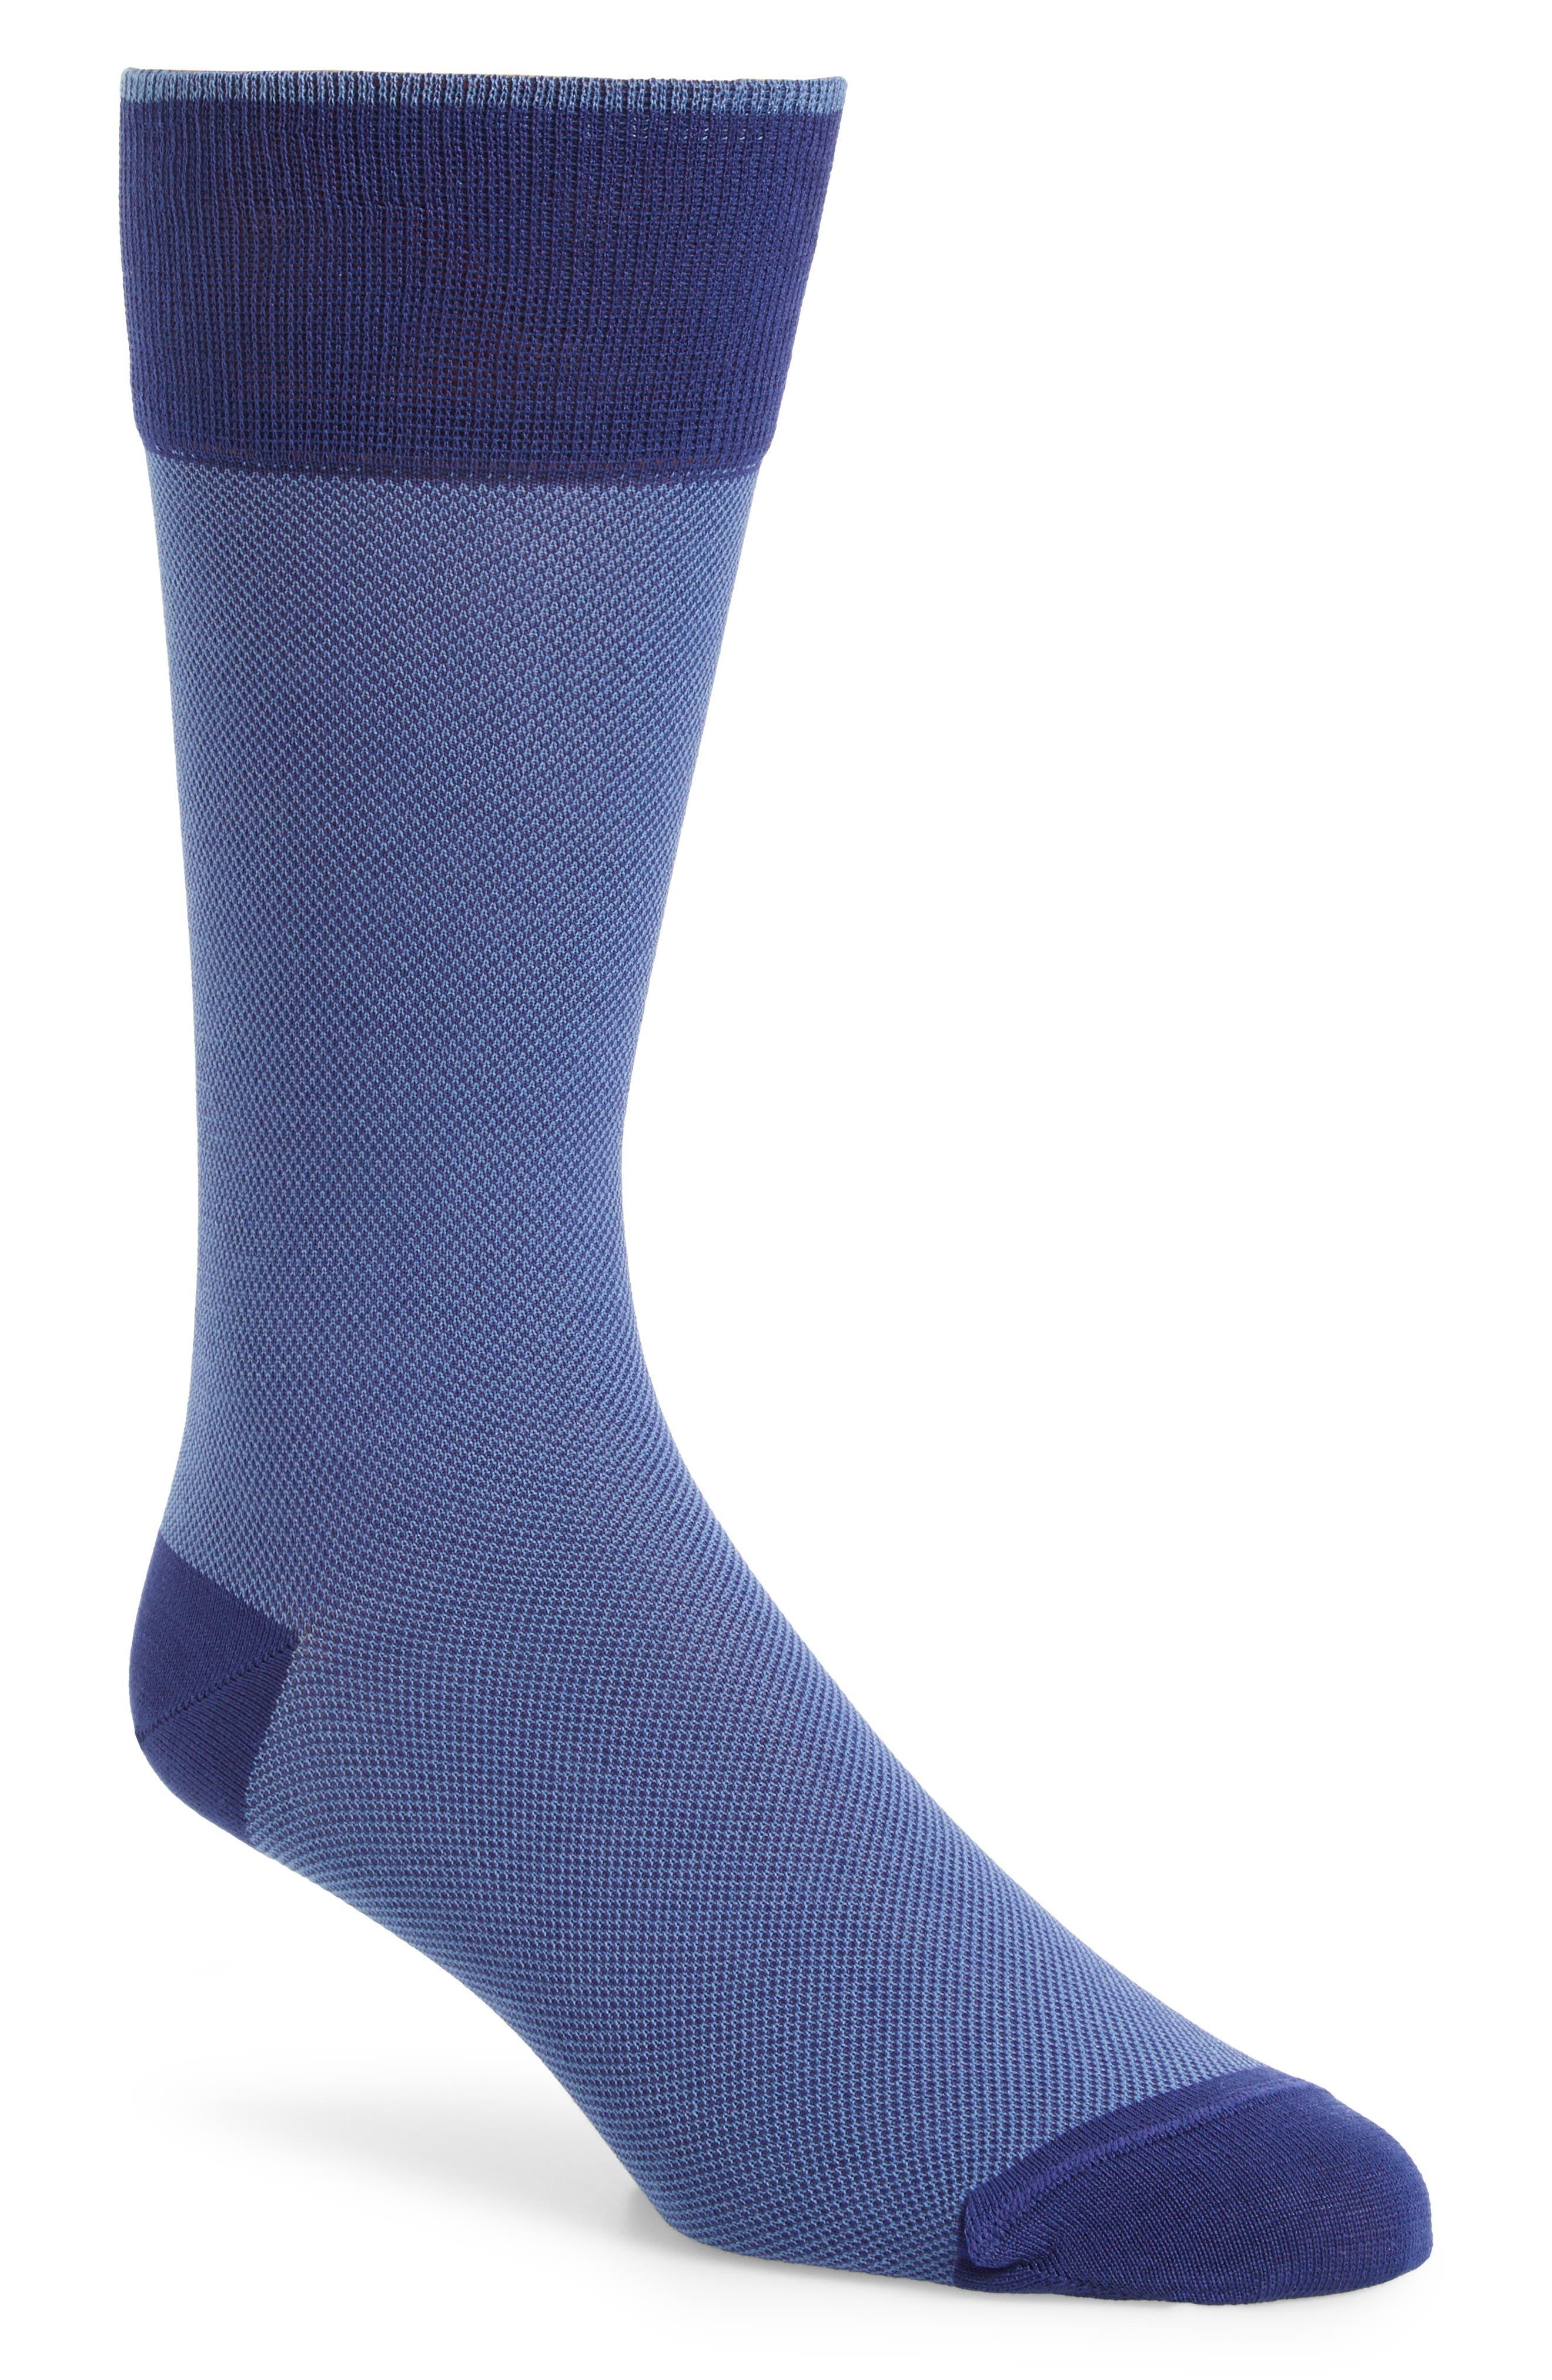 Calibrate Solid Socks